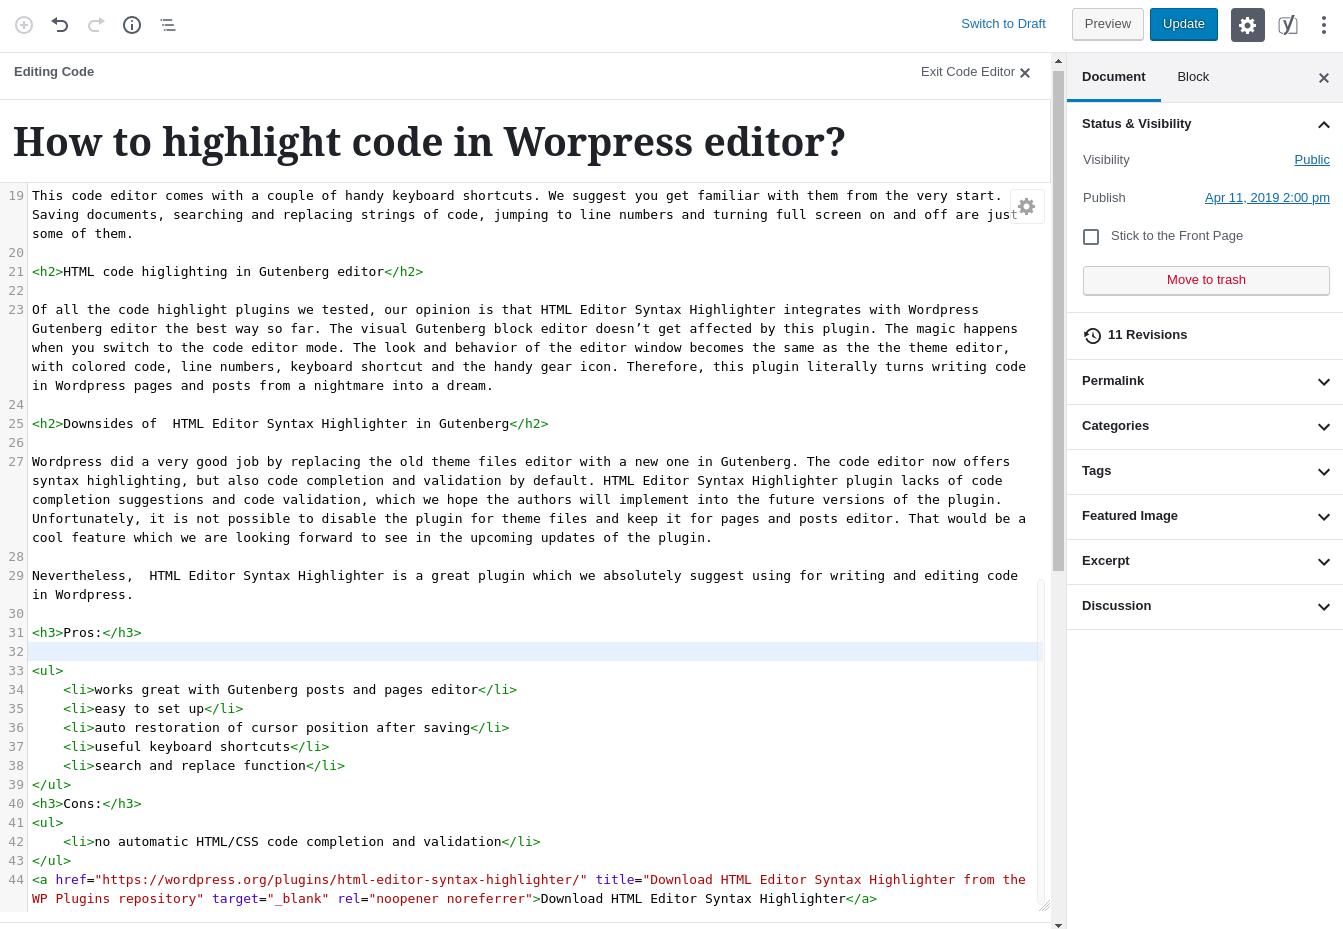 HTML Editor Syntax Highlighter Screenshoot